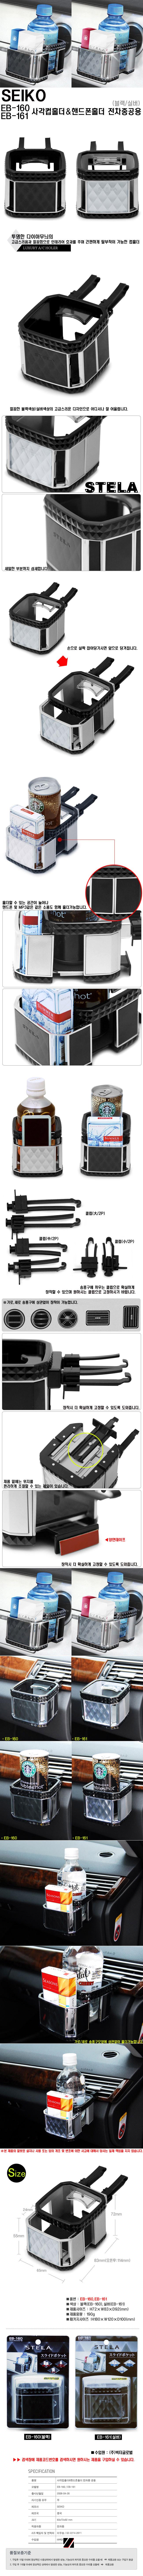 SEIKO EB-160/EB-161 사각컵홀더 & 핸드폰홀더 전차종 공용